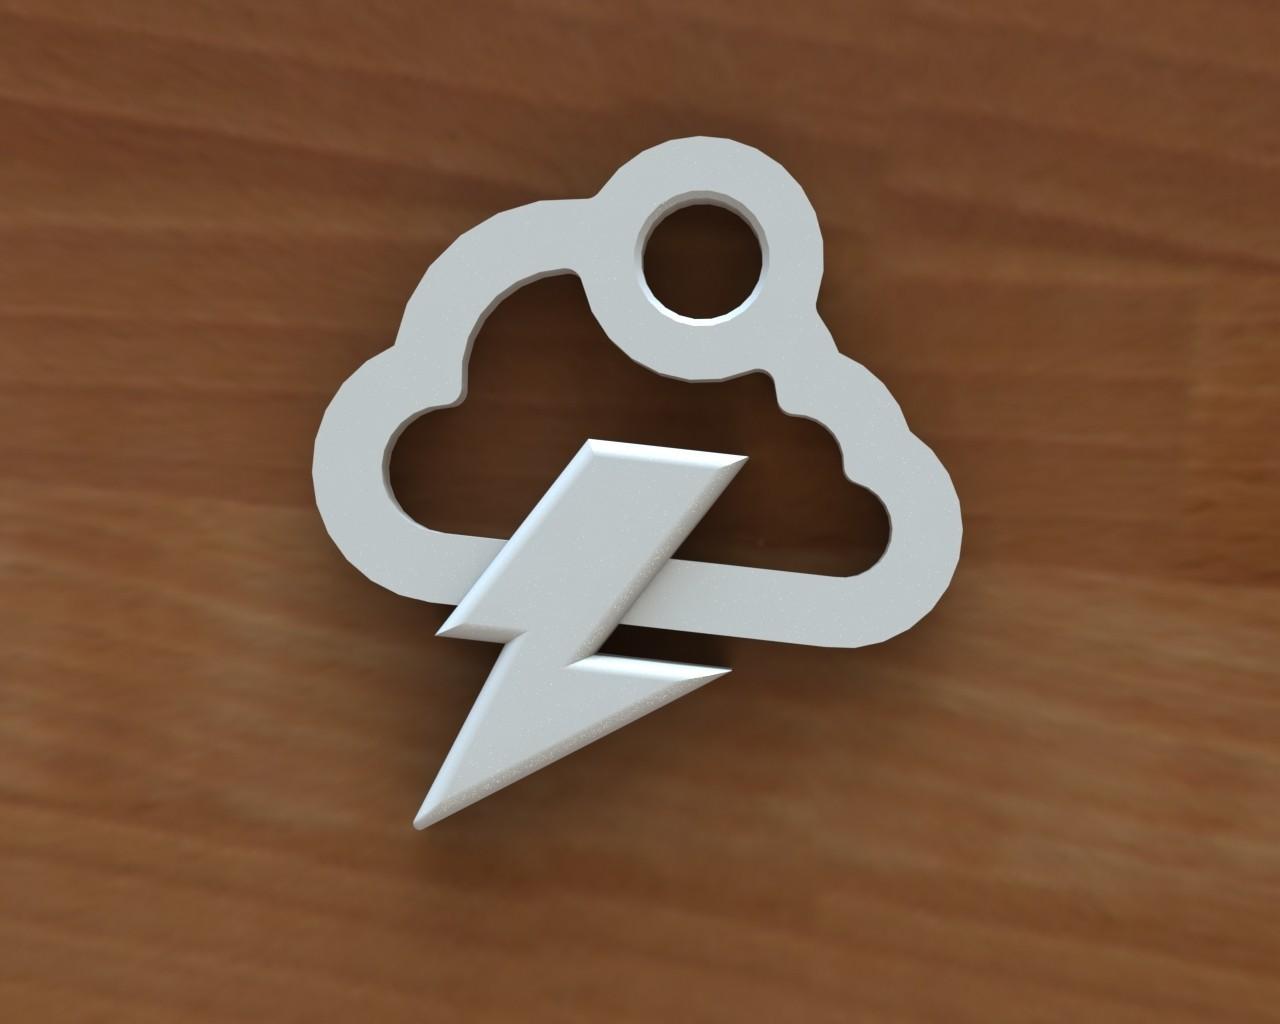 Storm cloud earring 1.JPG Download free STL file Storm cloud earring • 3D printer object, Majs84